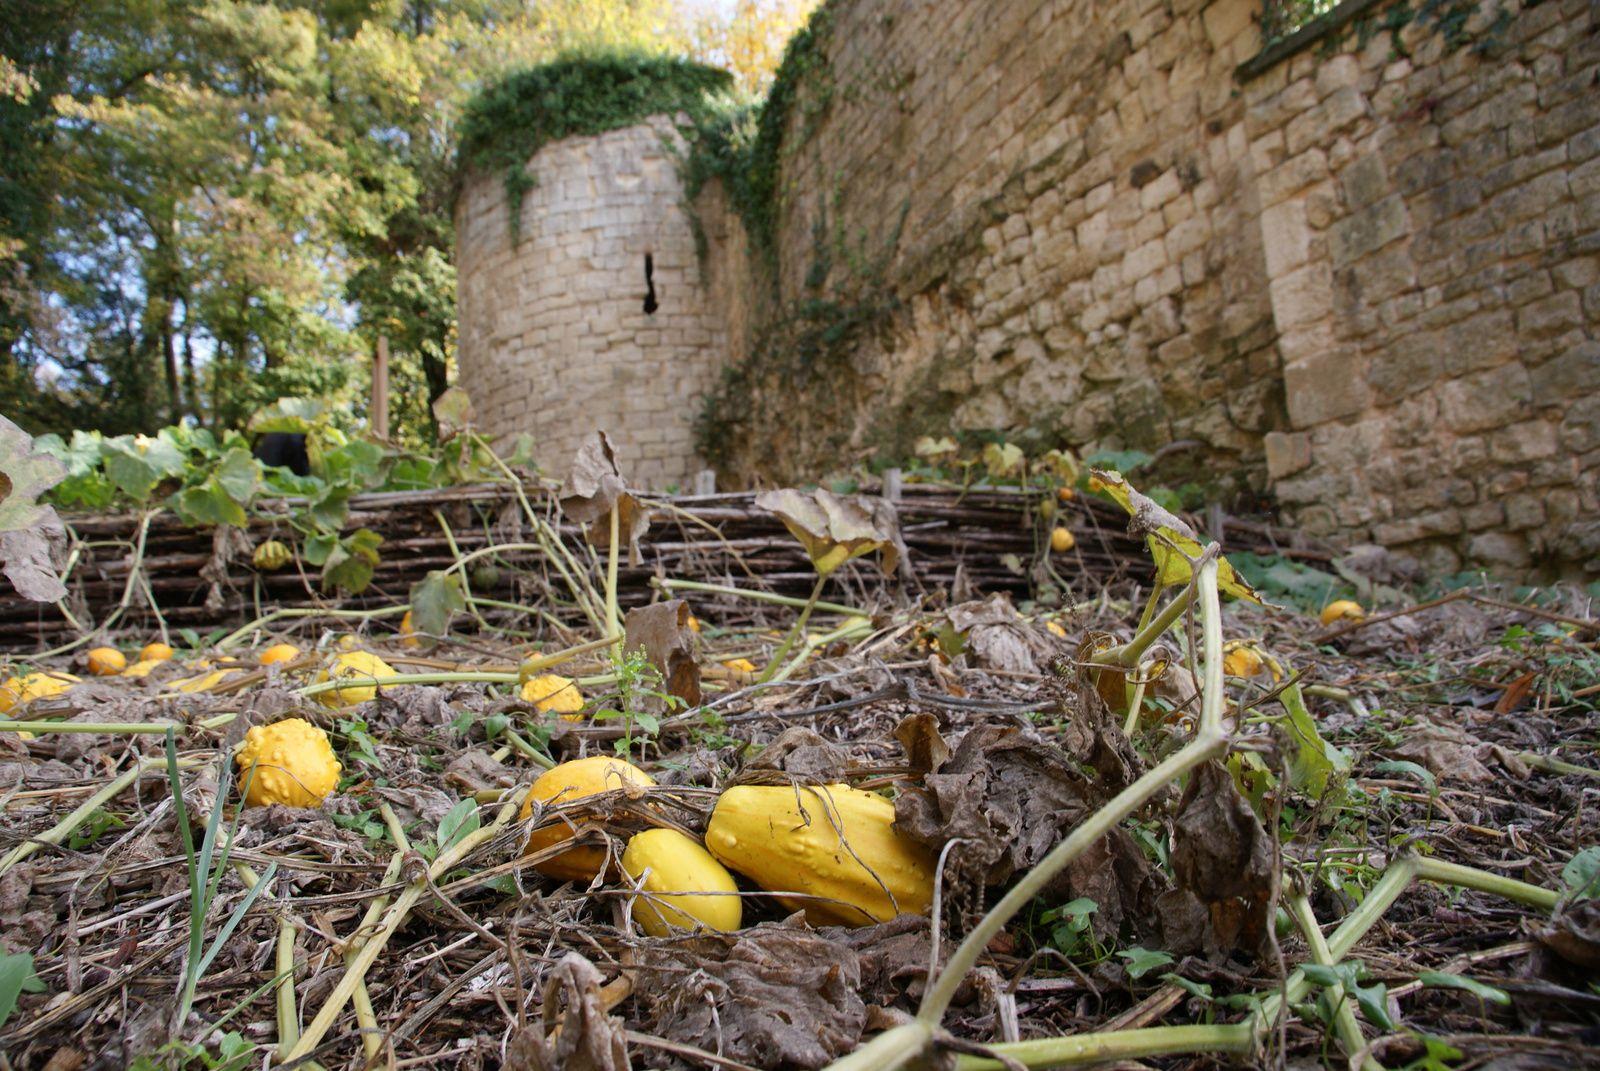 Un automne à Fontenay le Comte : à vos appareils photos !